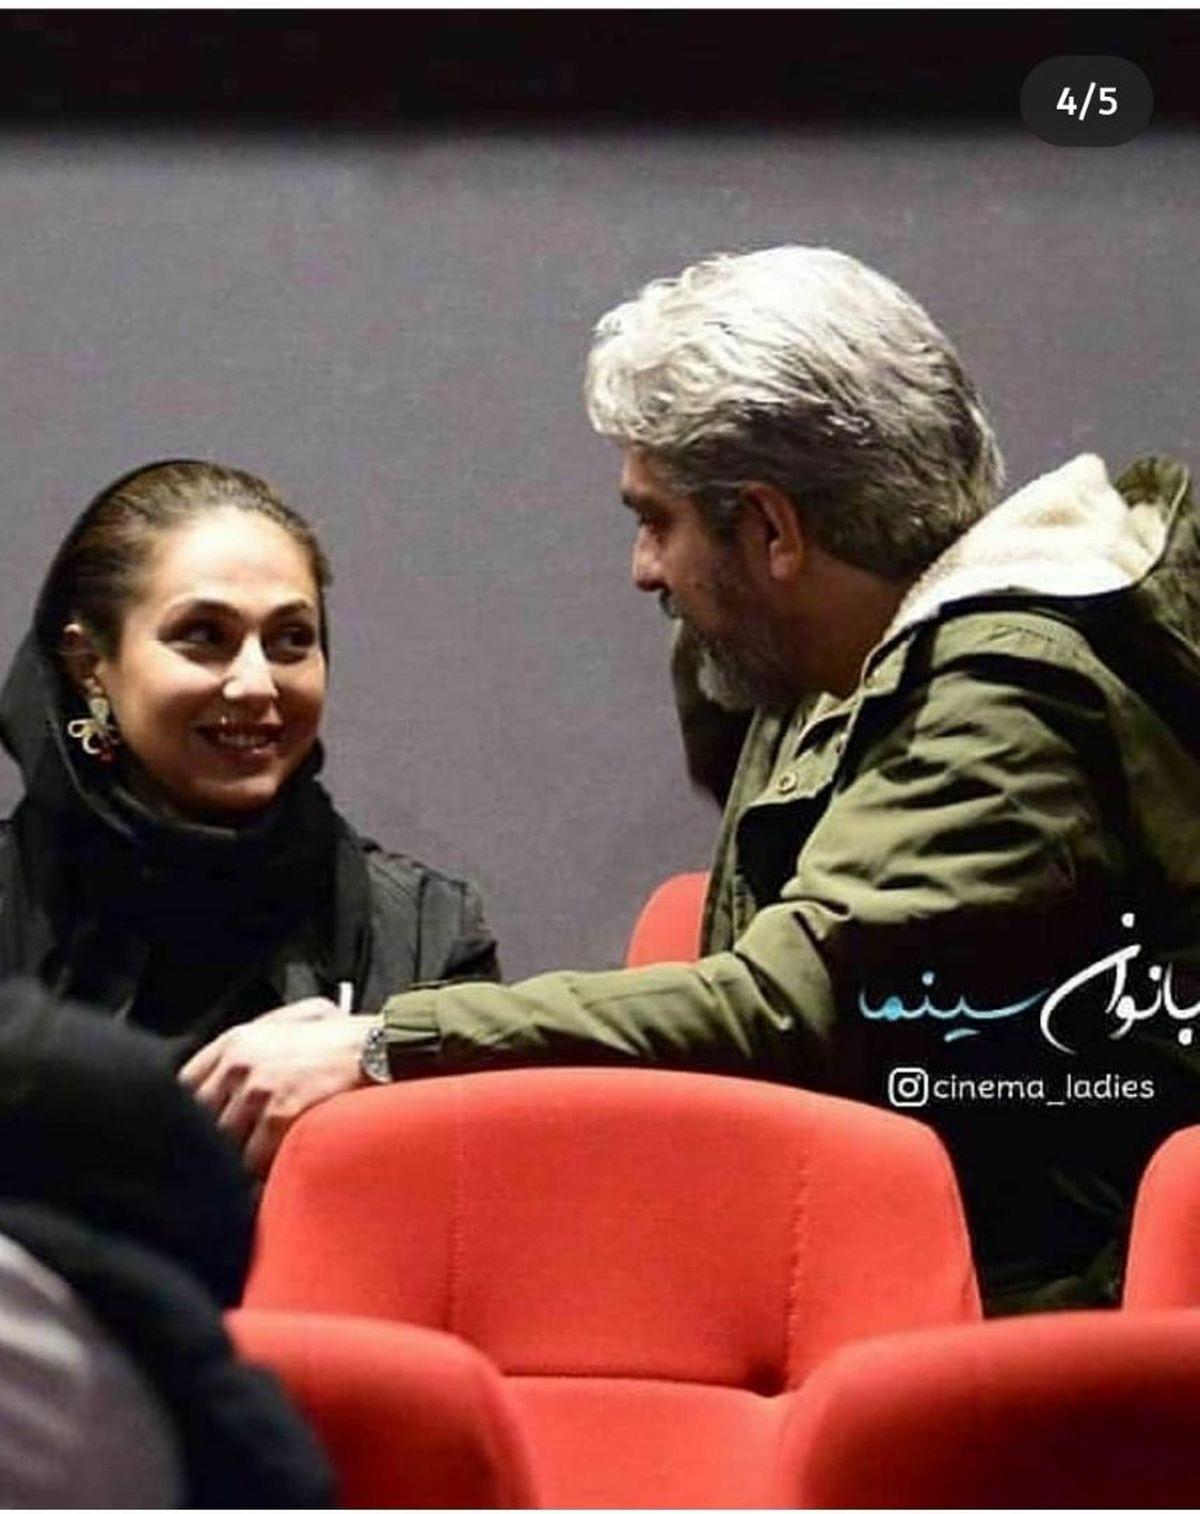 مراسم عقد مهدی پاکدل جنجالی شد + فیلم